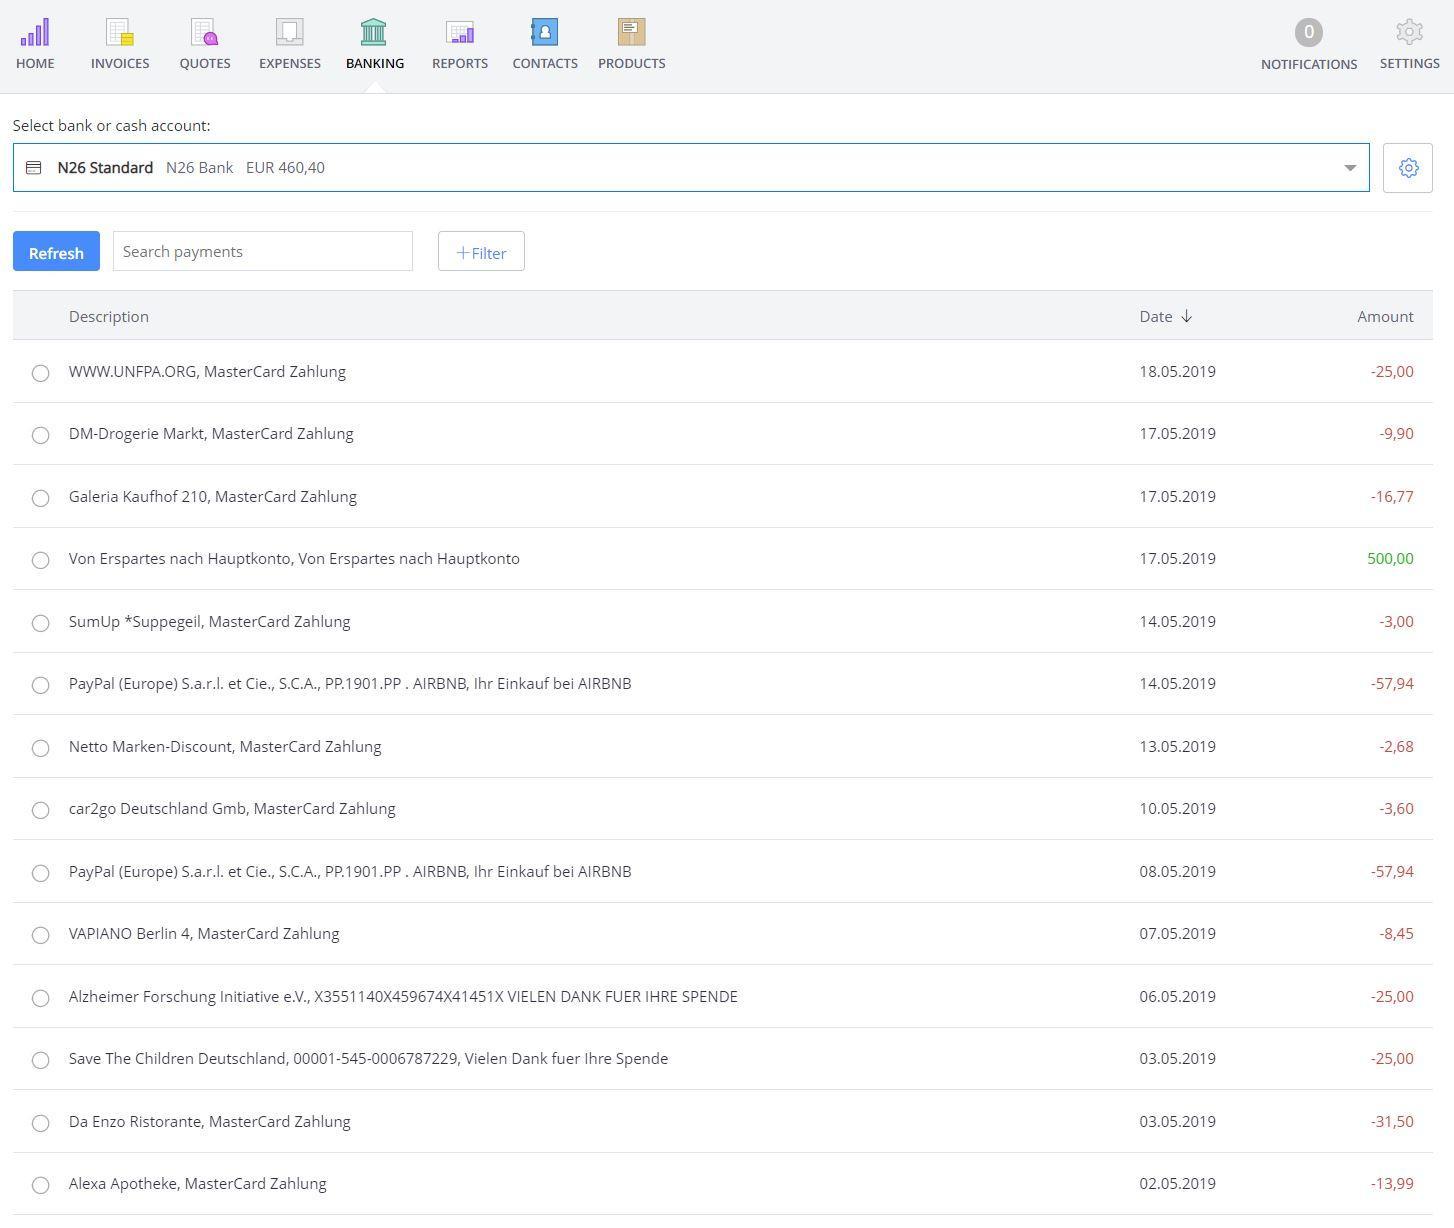 Debitoor-screenshot-web-banking-overview